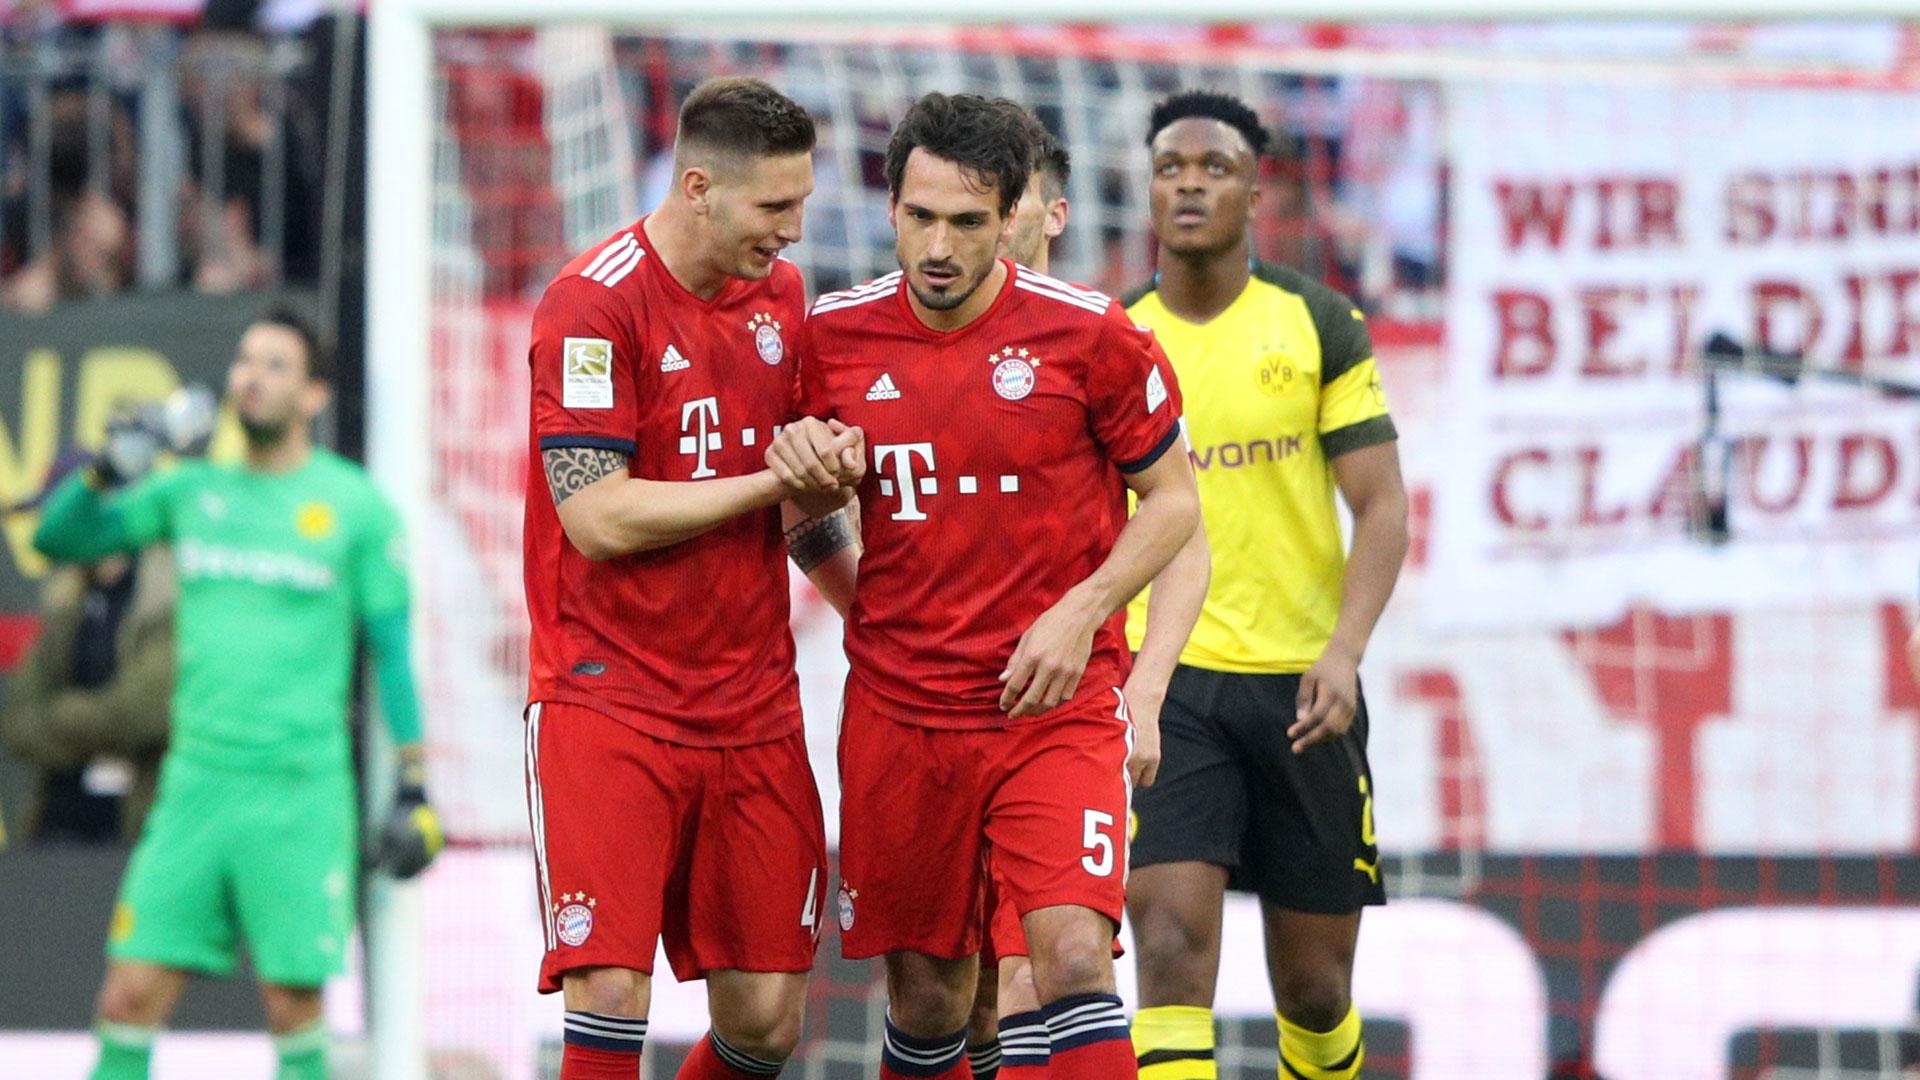 Bayern Dortmund 5:0